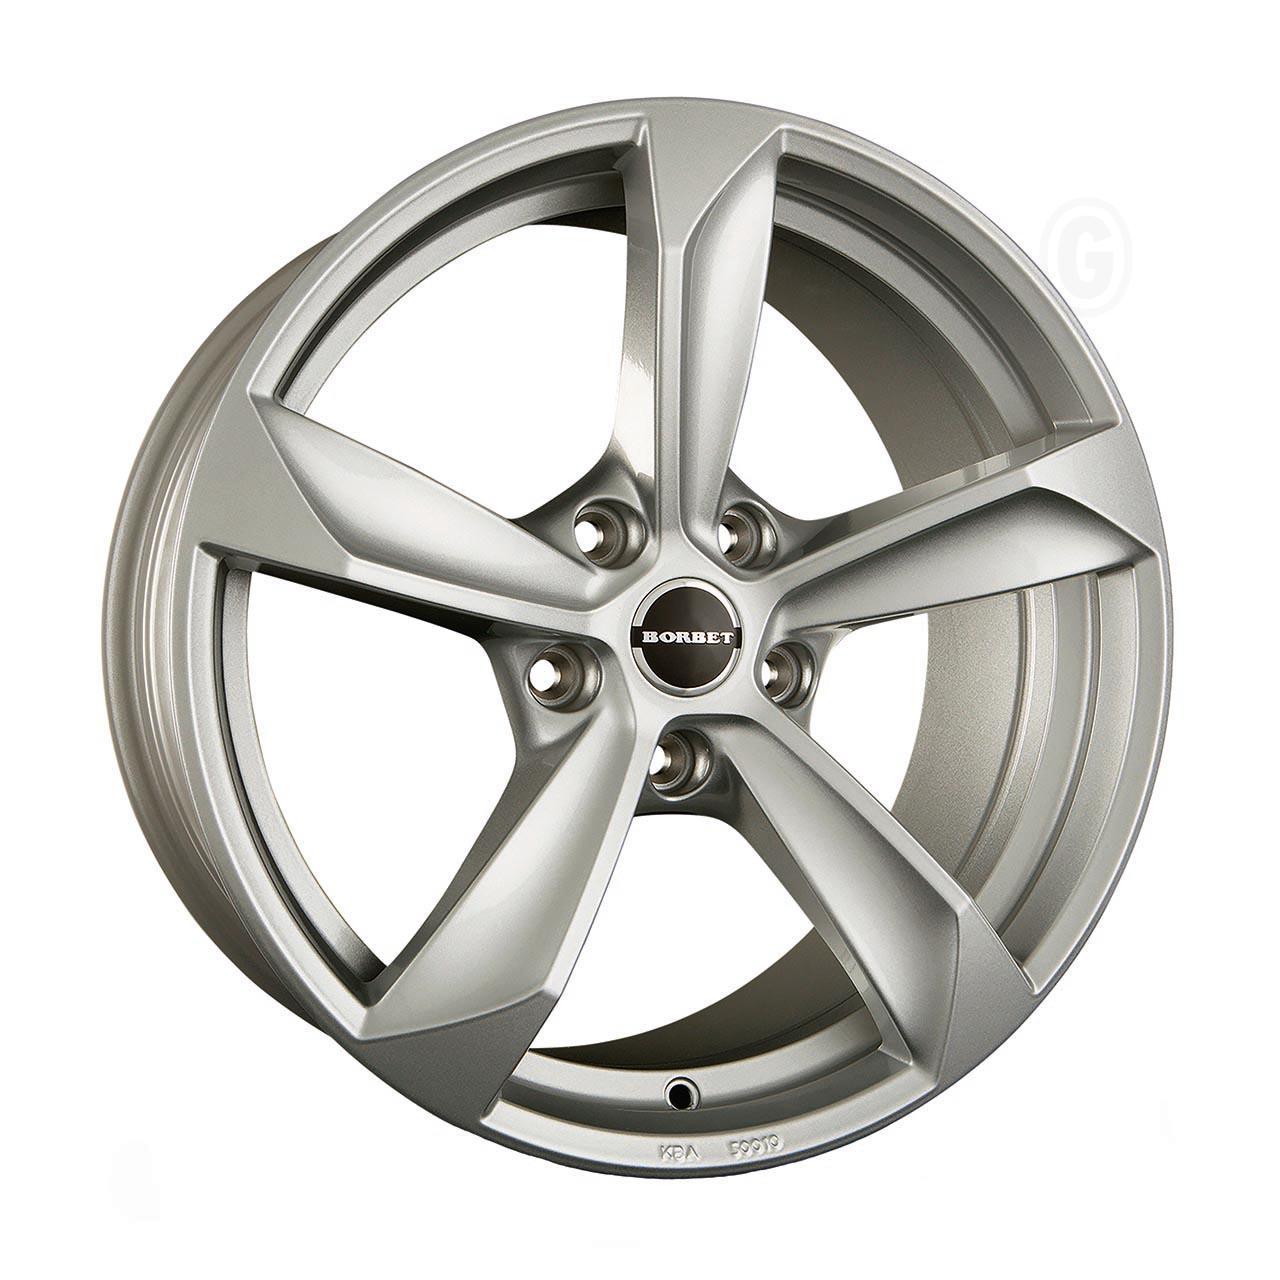 Borbet S Brilliant silver 9x20 5x112 ET20